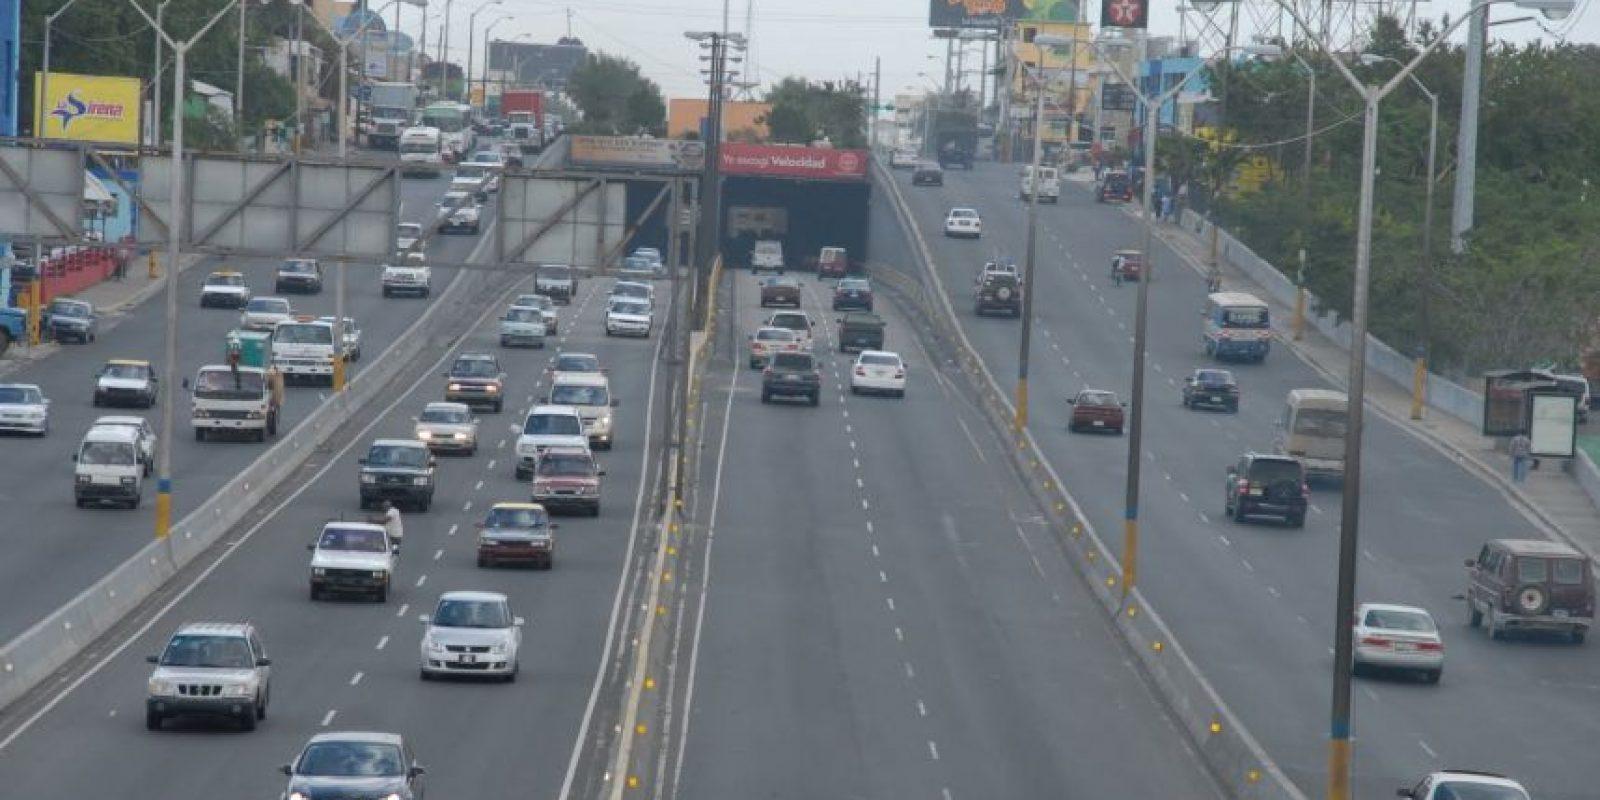 Martes 29. El túnel de Las Américas Horario: 10:30 de la noche a 6:00 de la mañana del día siguiente. Foto:Archivo